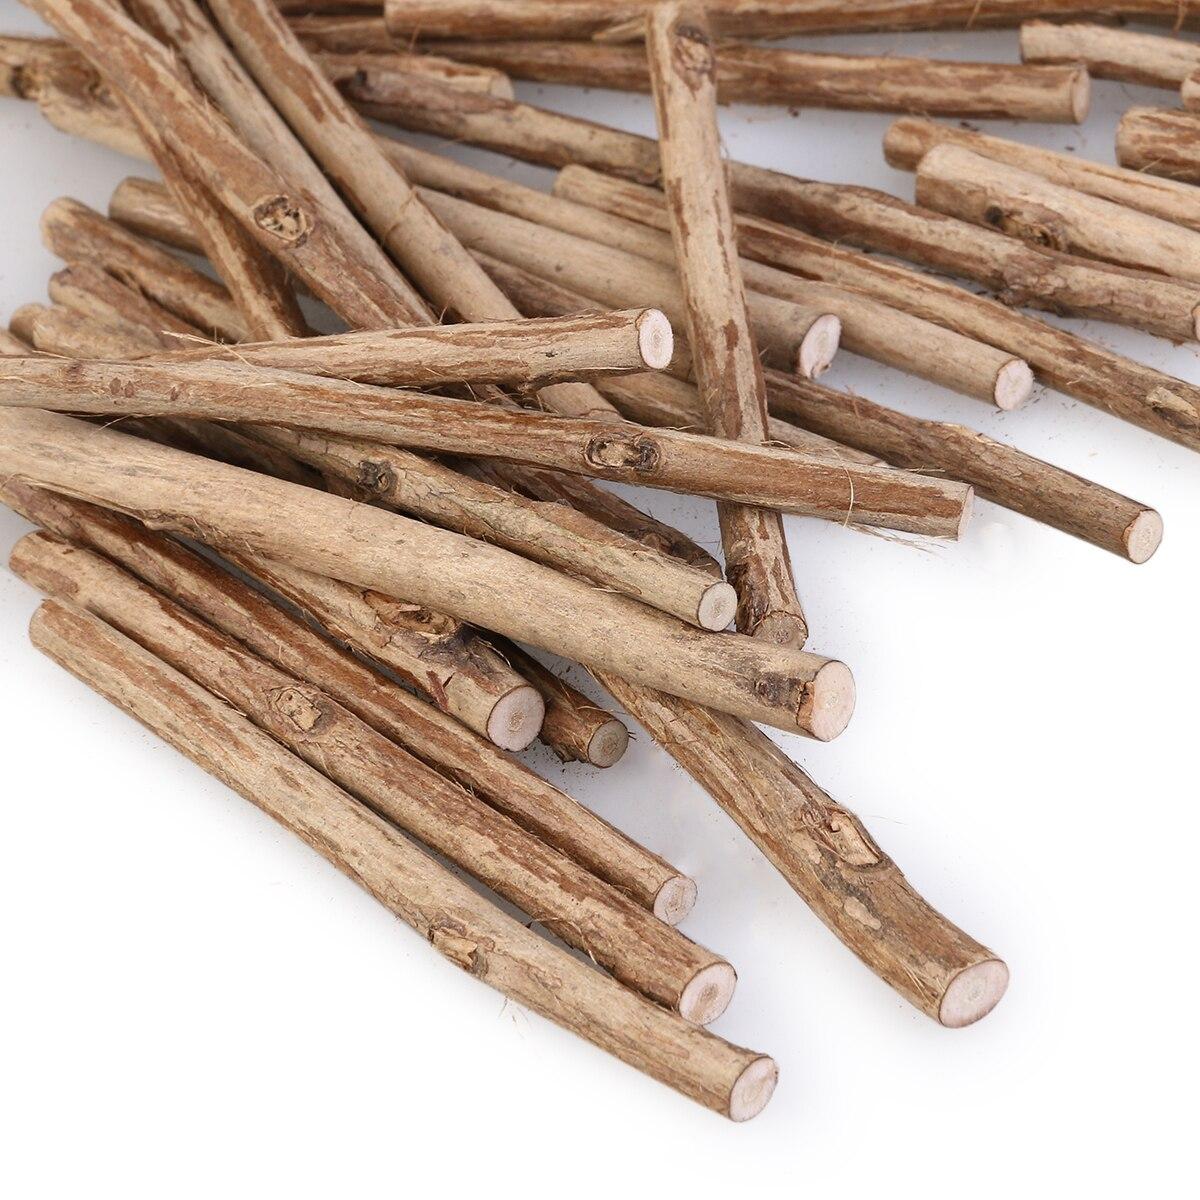 Image result for sticks of wood